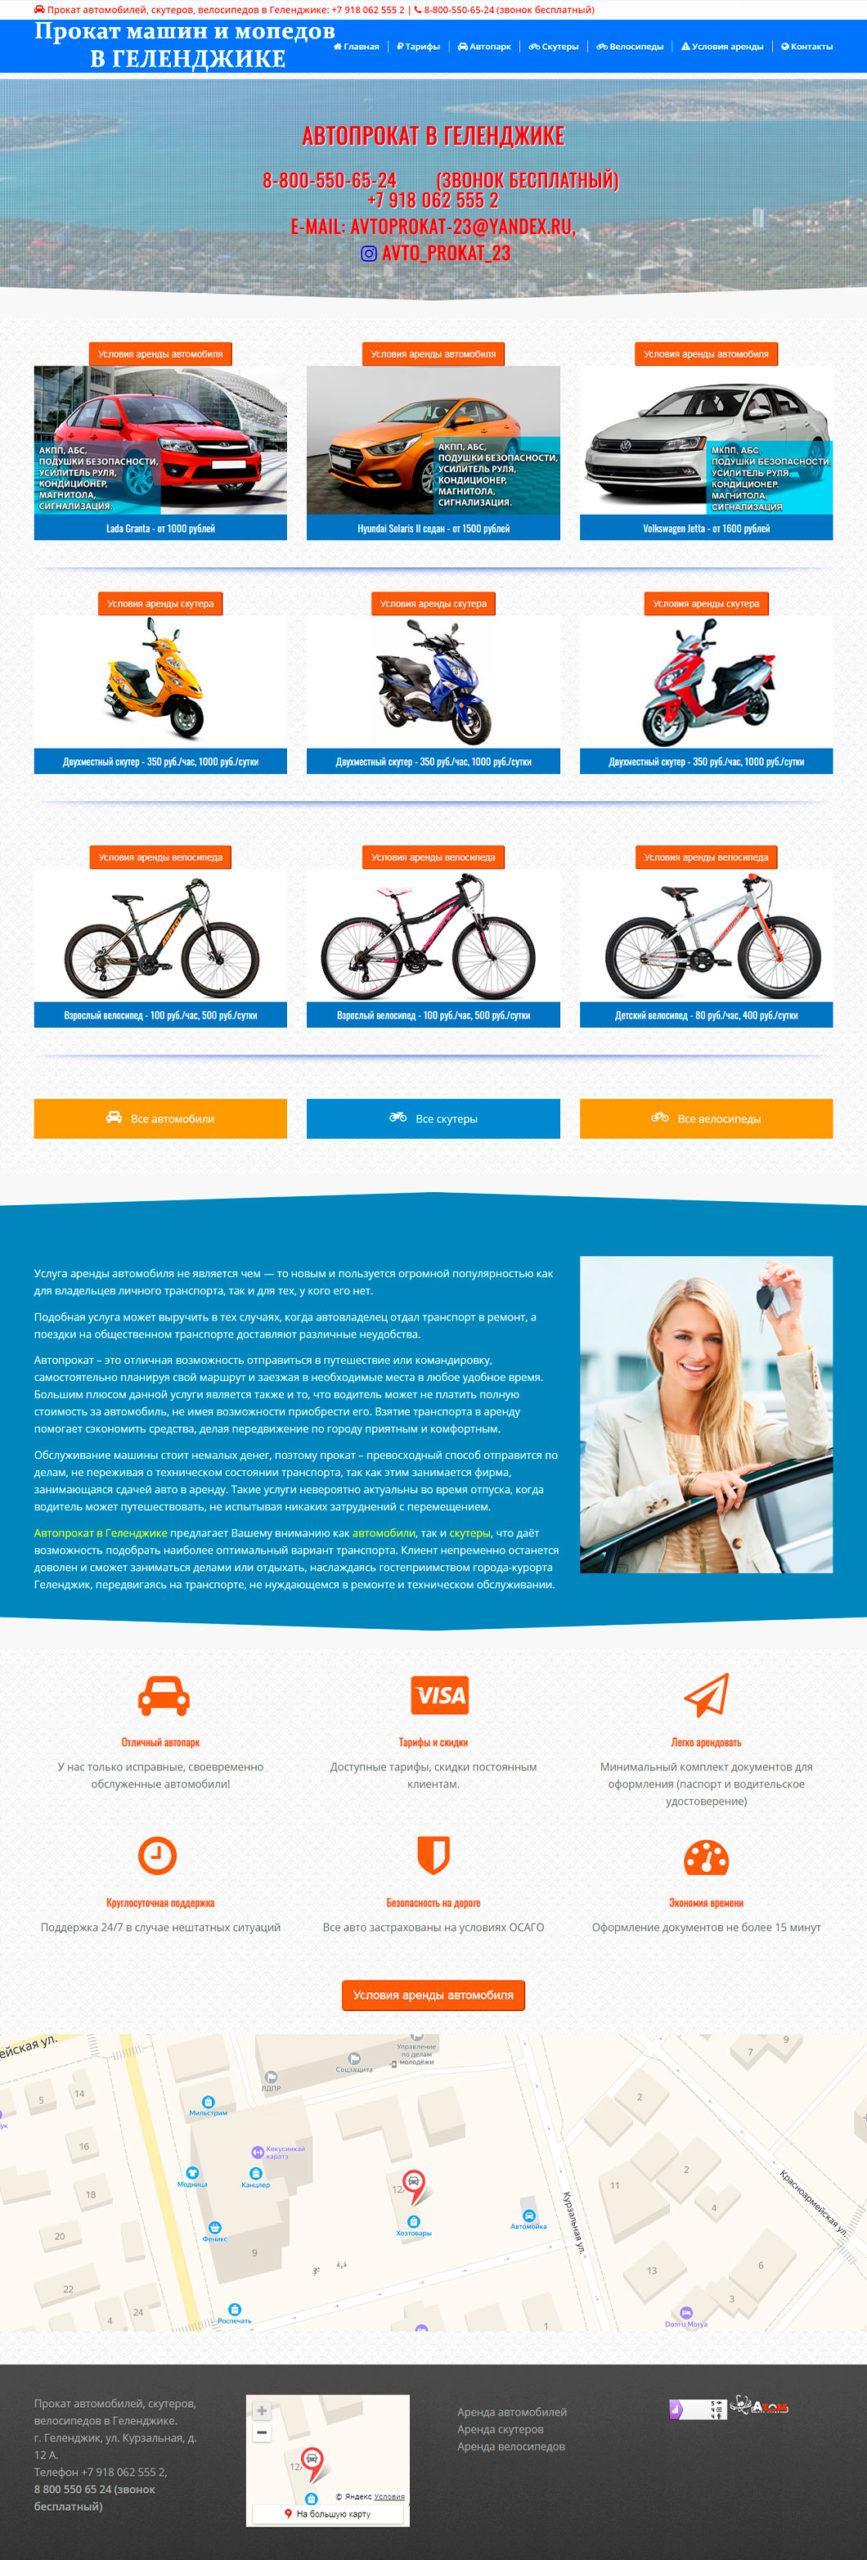 Прокат автомобилей, скутеров и велосипедов